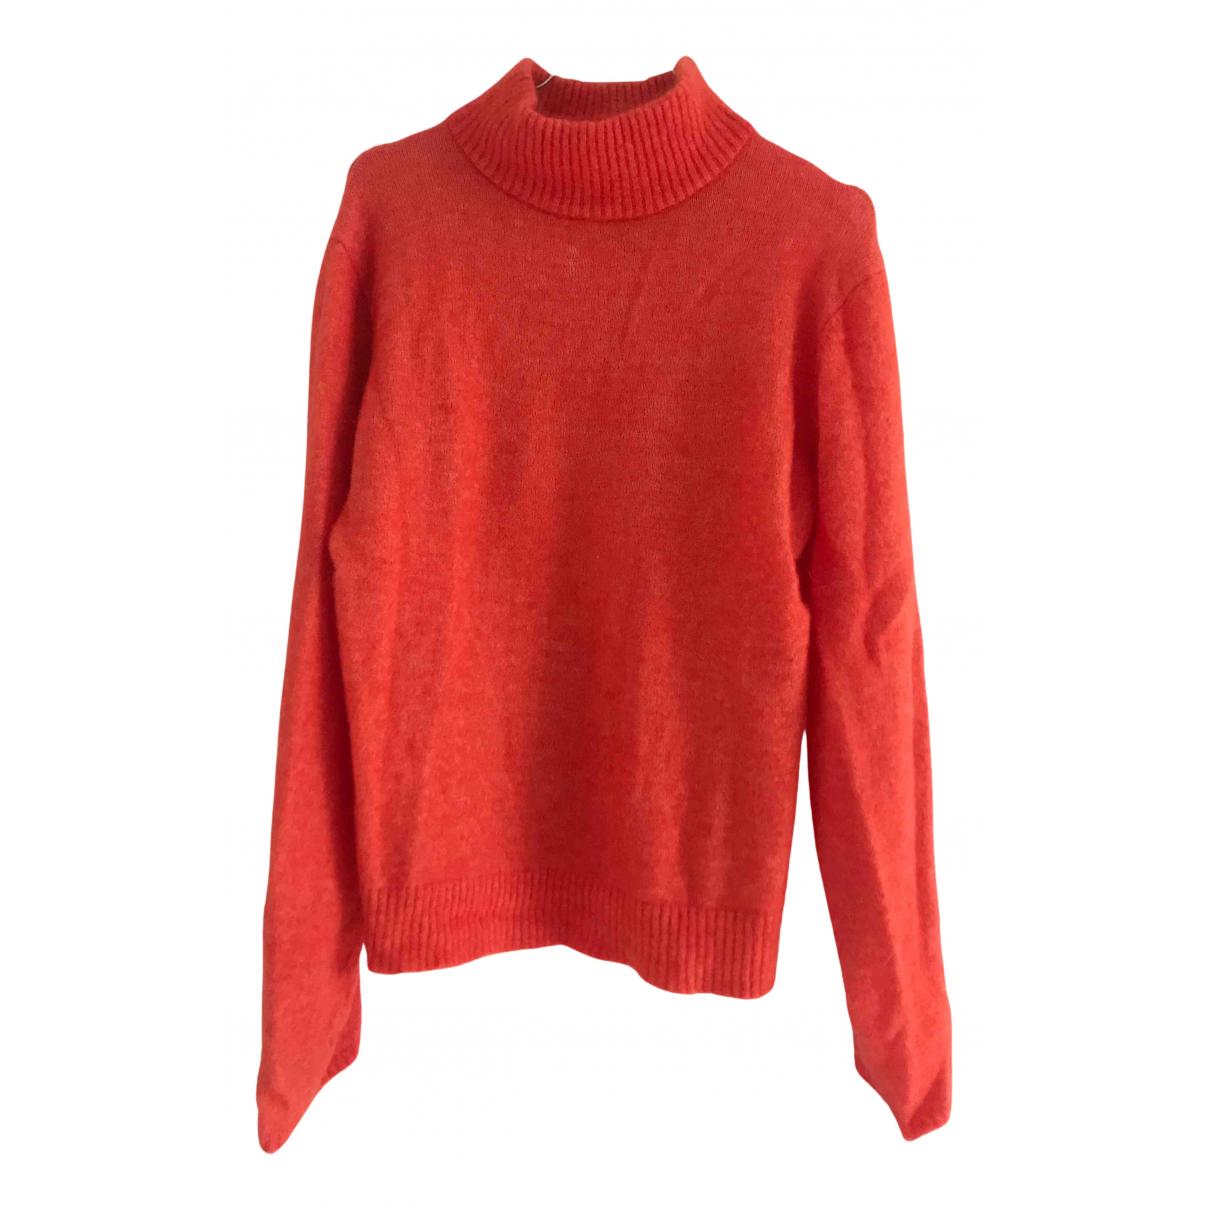 H&m Studio N Red Wool Knitwear for Women S International